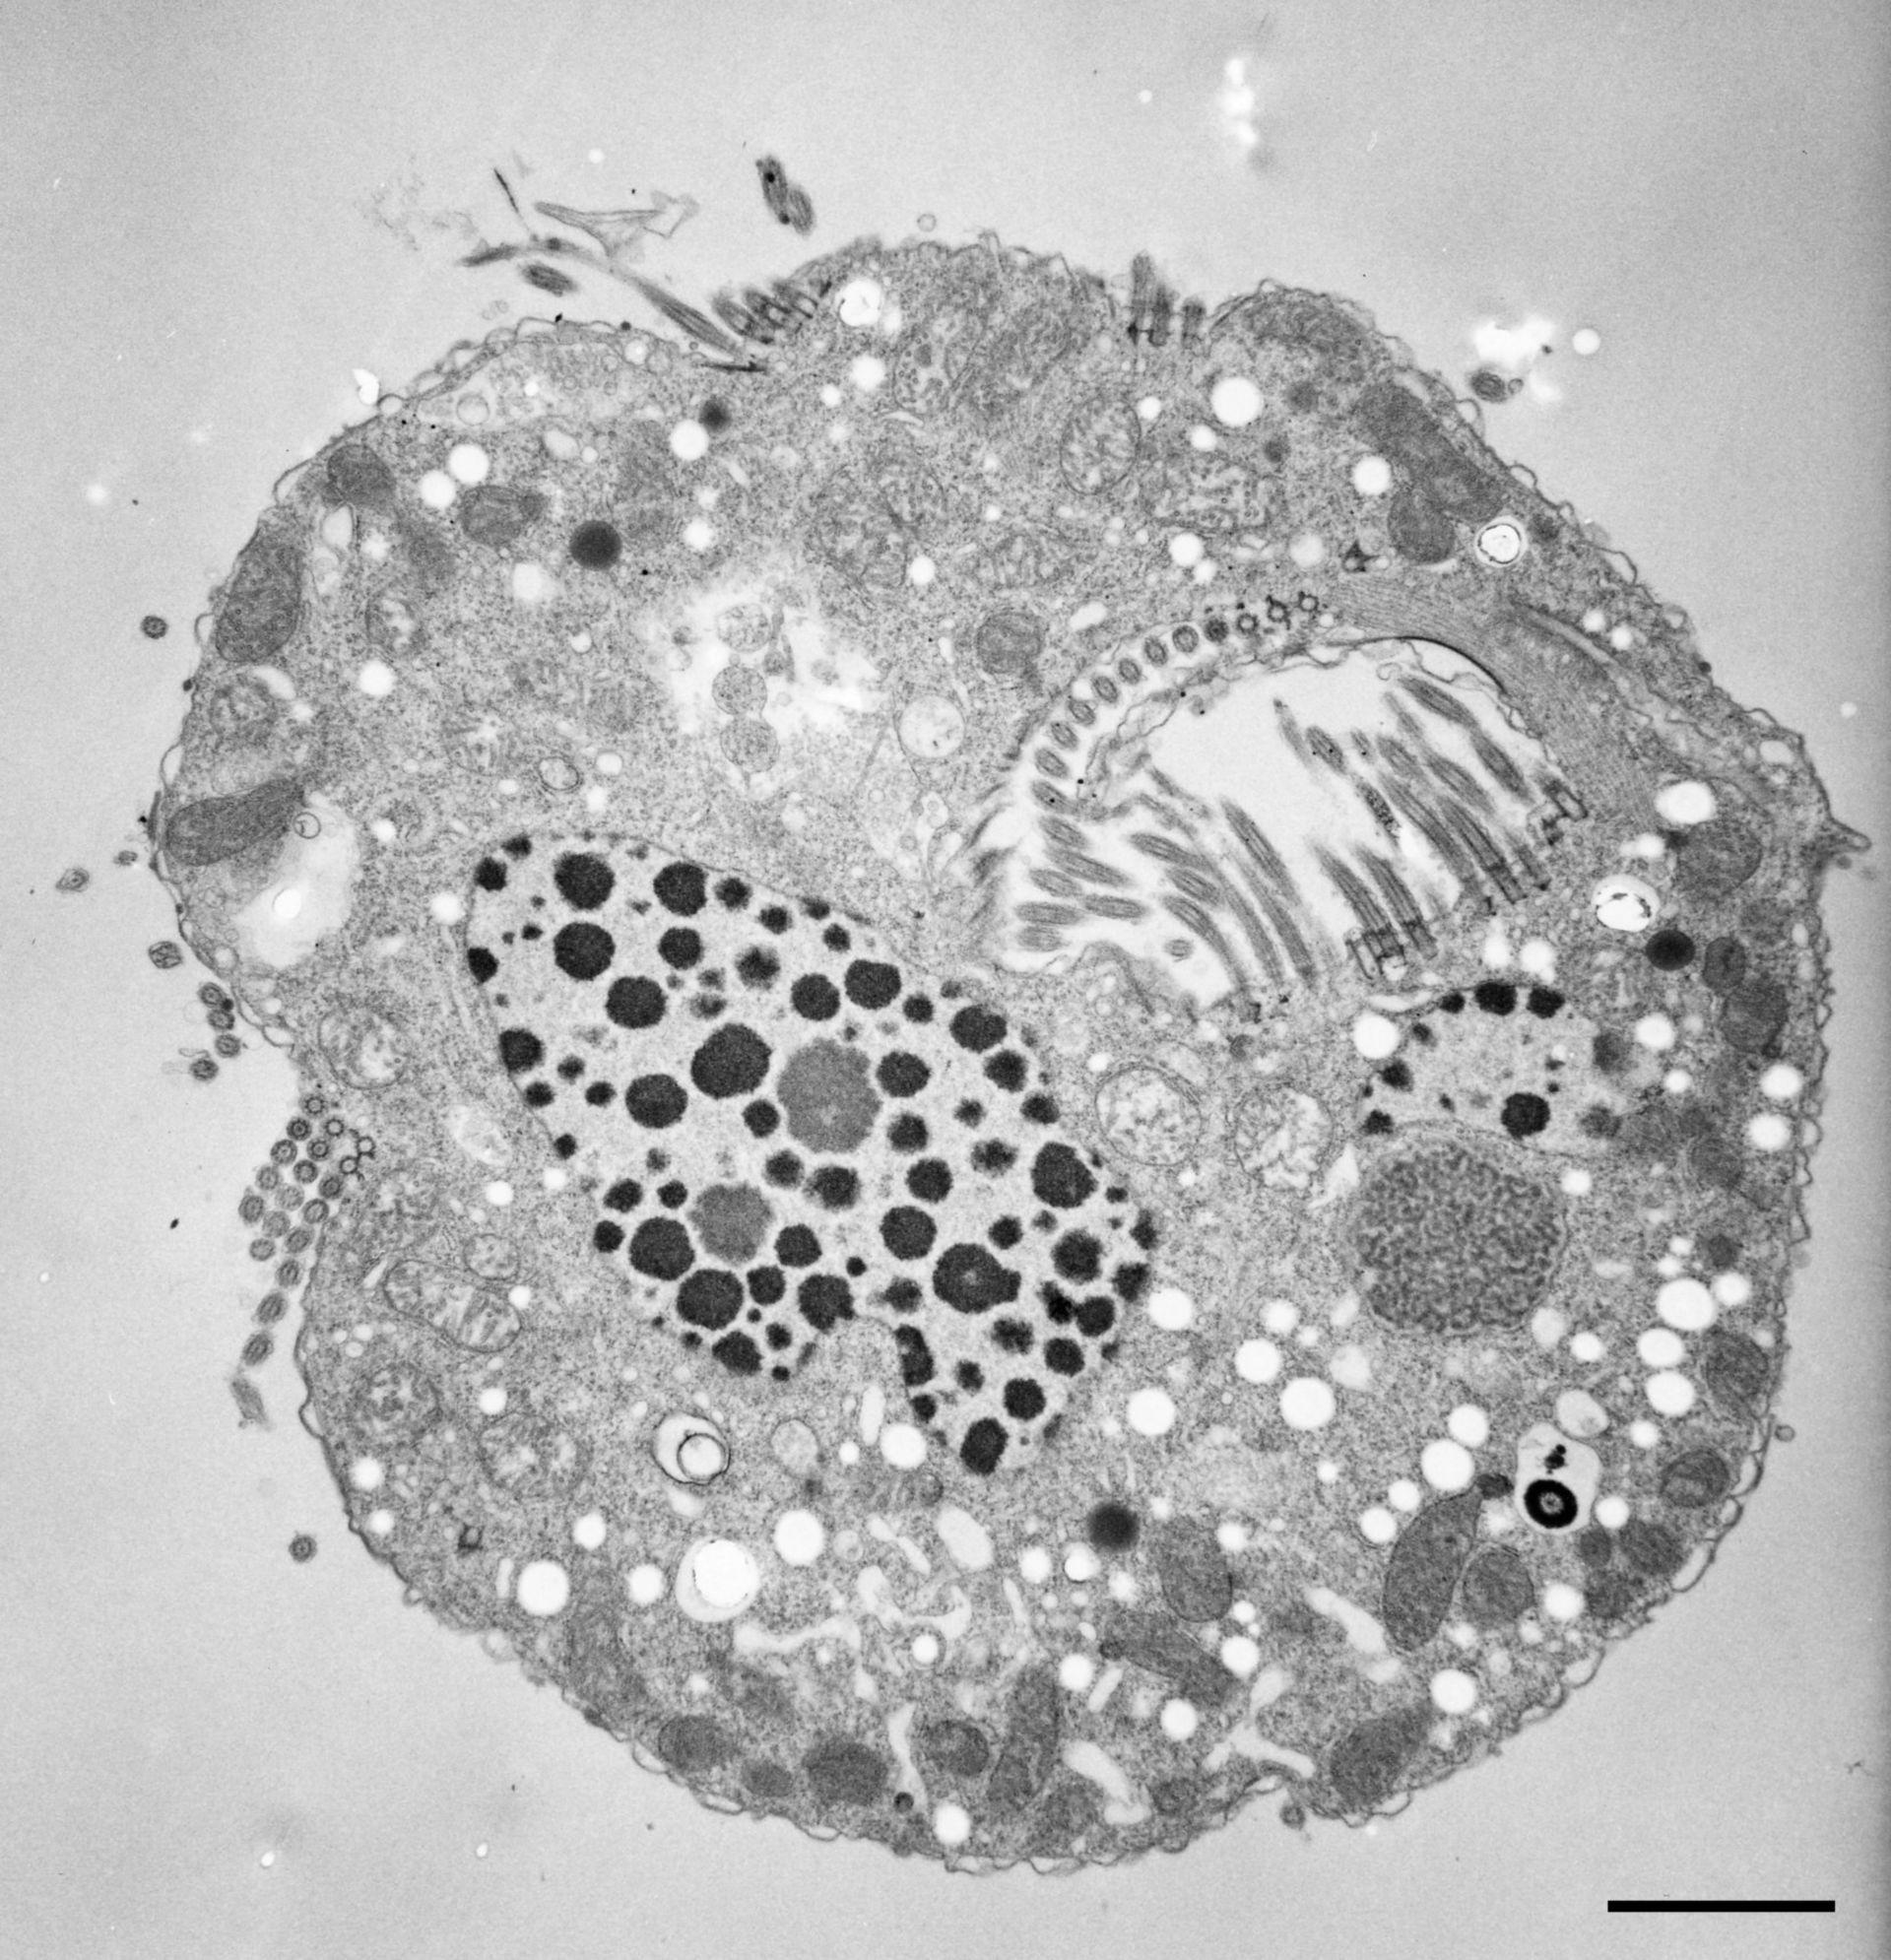 Halteria grandinella (vacuolo) - CIL:12321